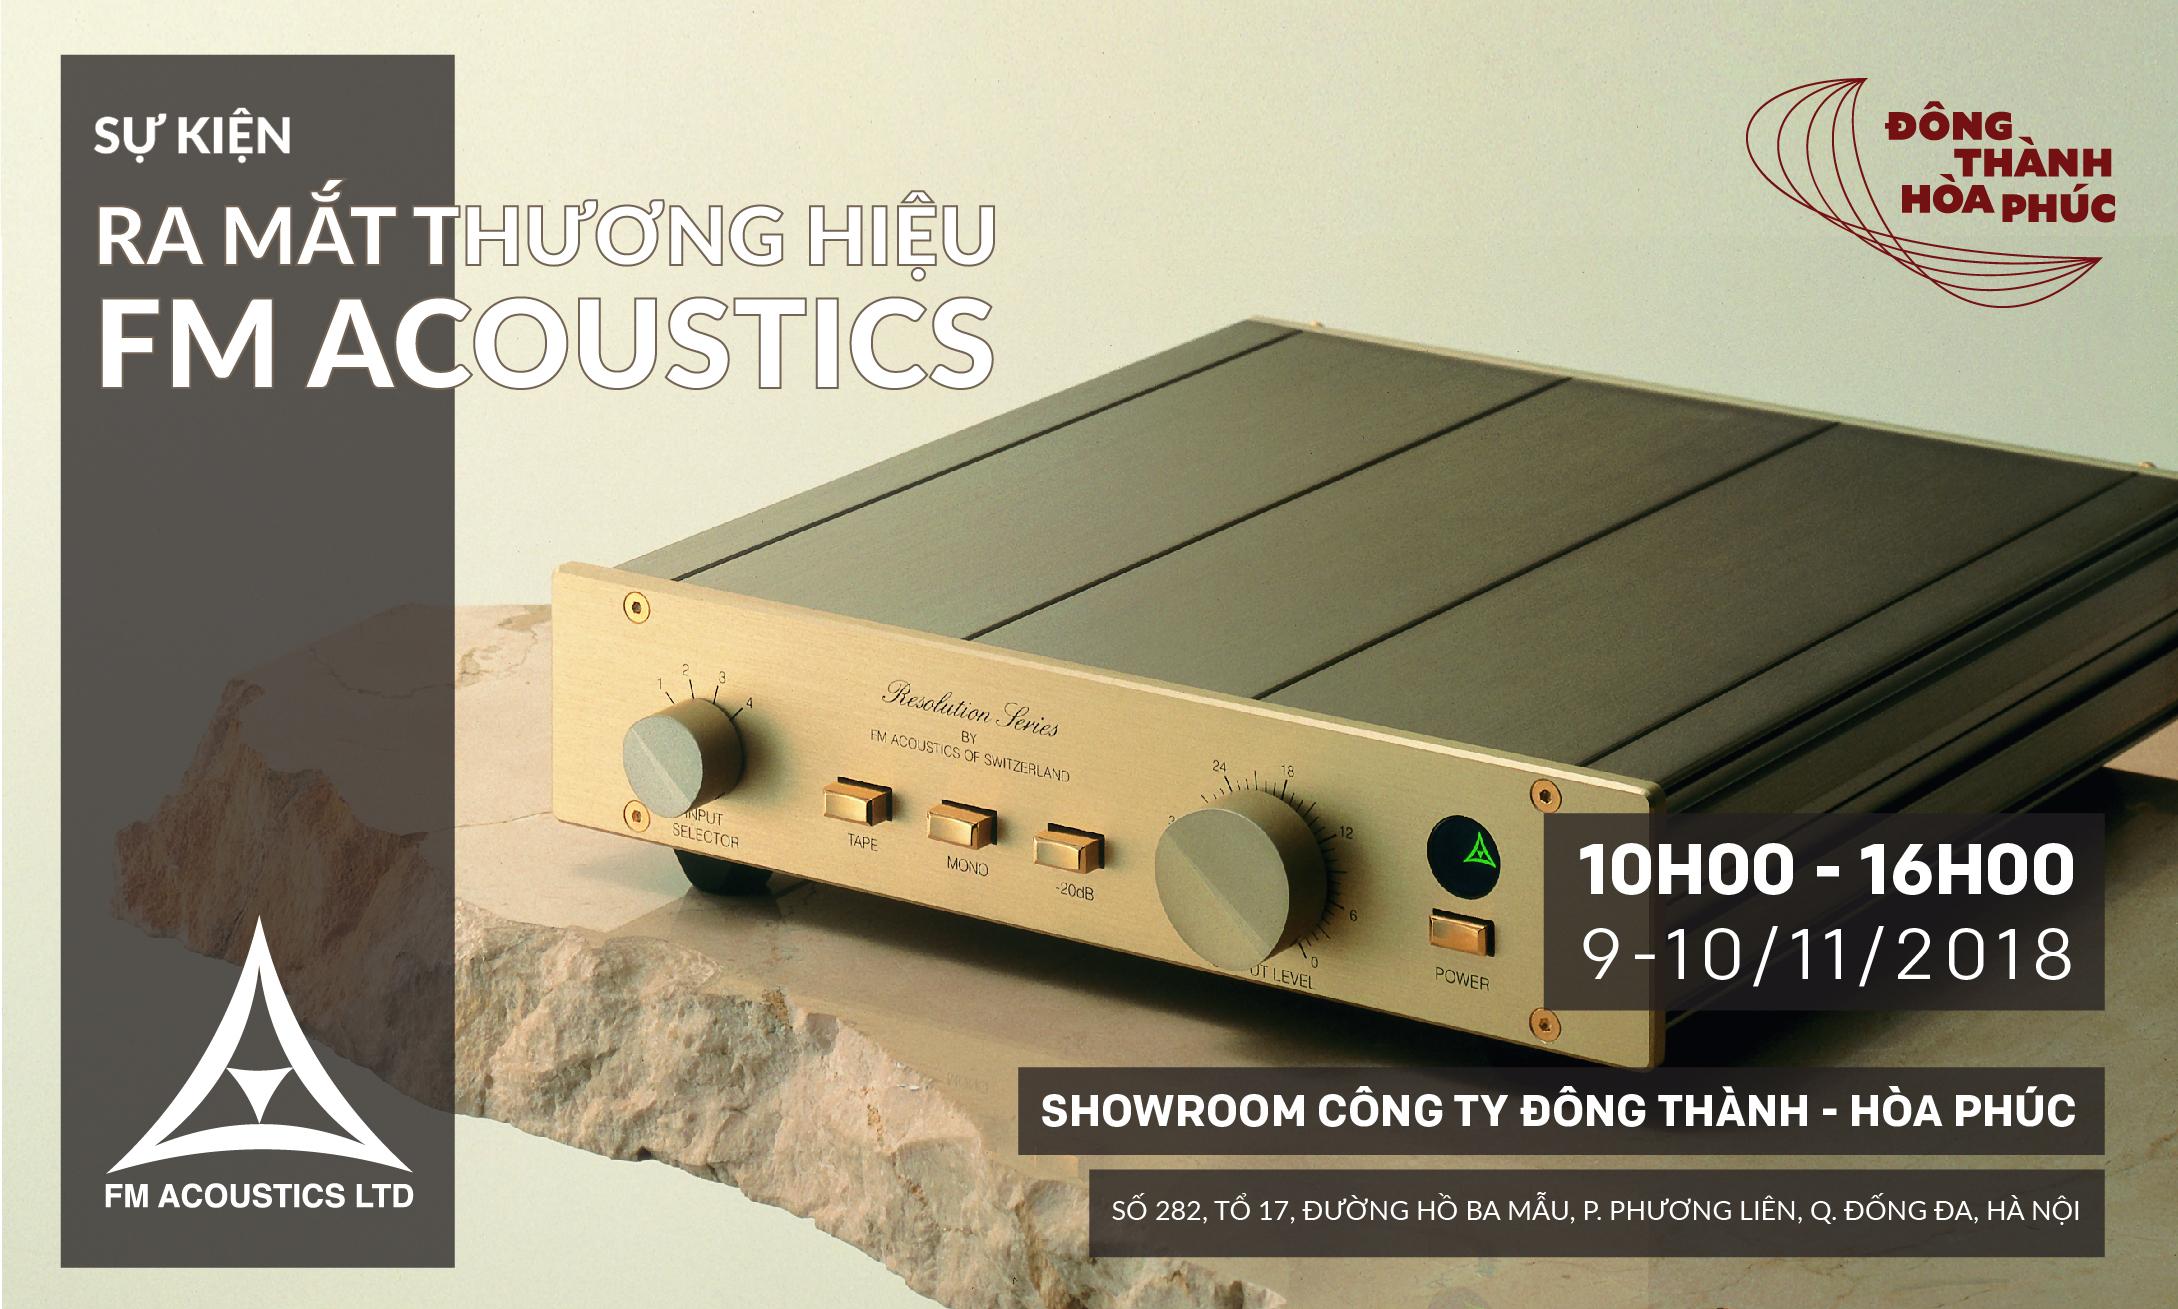 FM Acoustics Đông Thành - Hòa Phúc